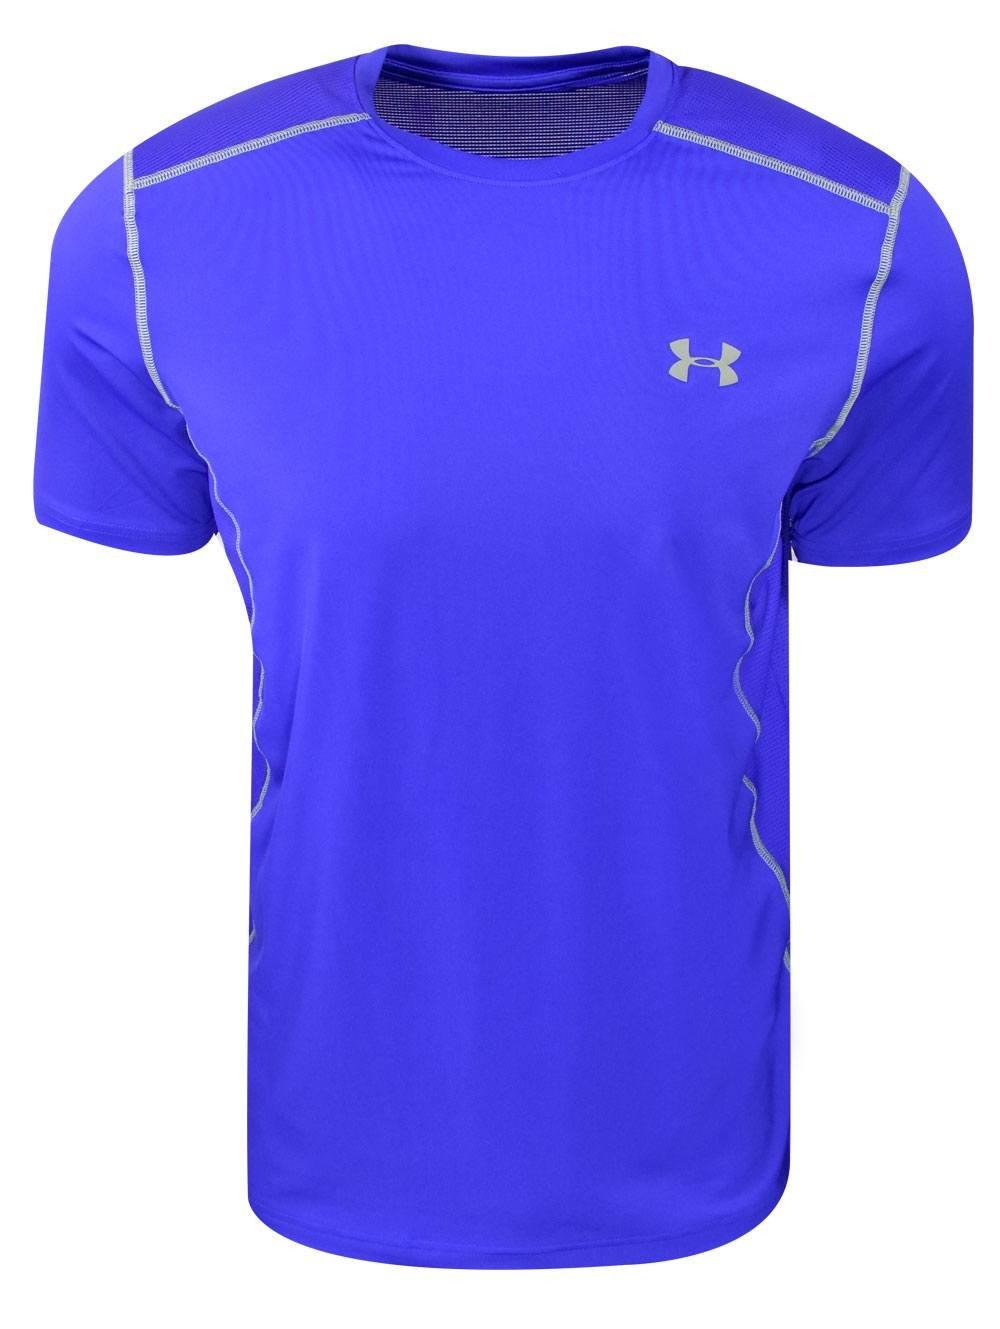 (アンダーアーマー) UNDER ARMOUR ヒットヒートギアSS(トレーニング/Tシャツ/MEN)[1257466] B06ZZ3BB1S 4L Royal Blue/Steel Royal Blue/Steel 4L